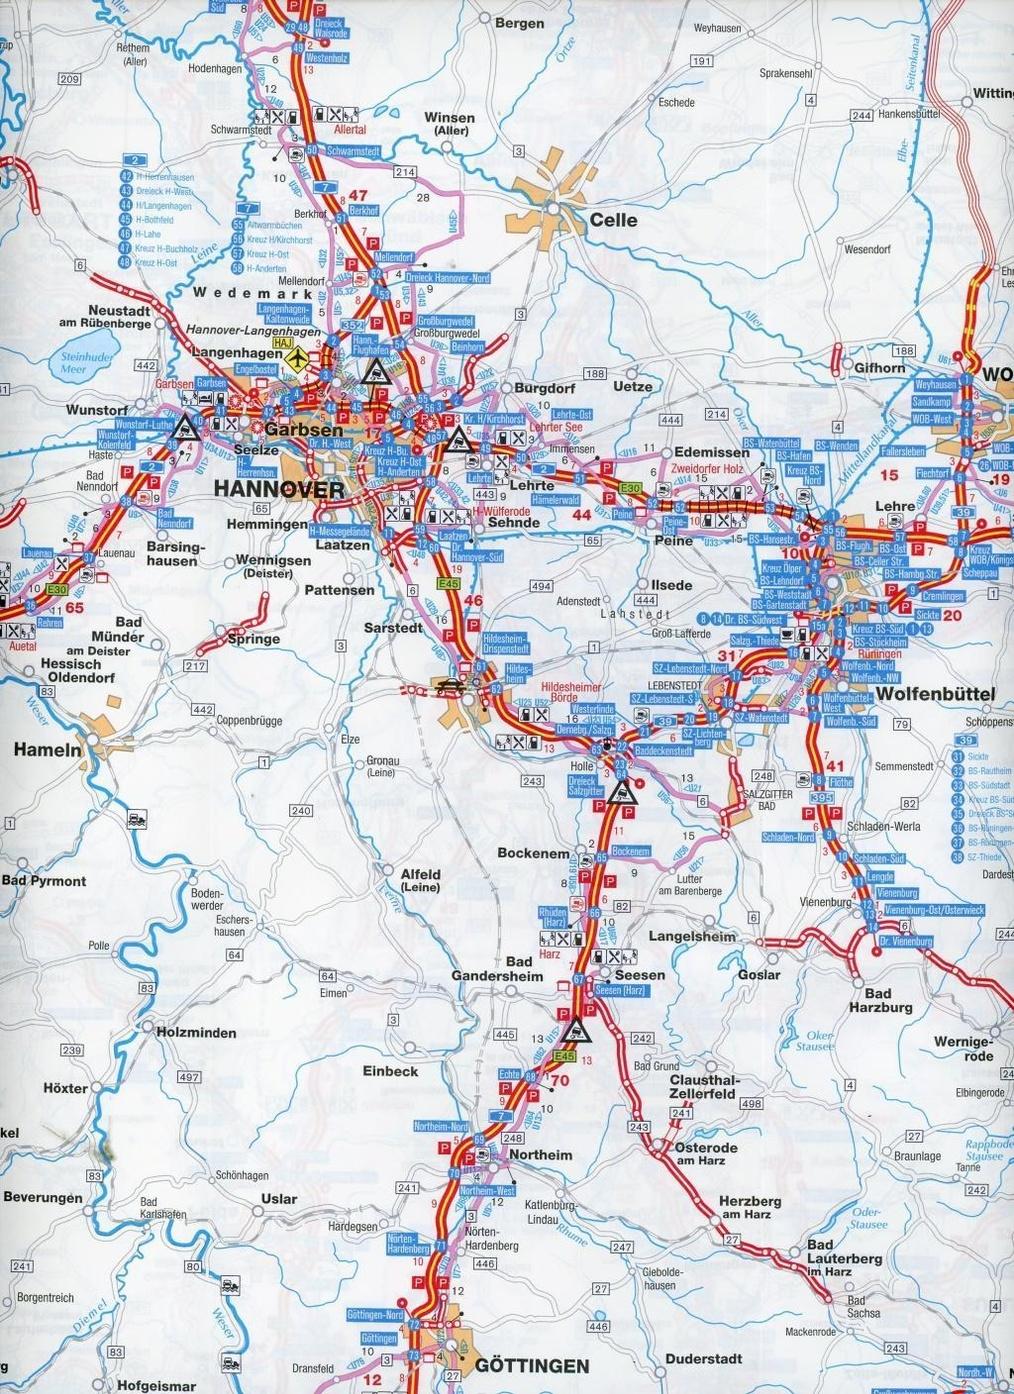 Deutschland Karte Mit Autobahnen لم يسبق له مثيل الصور Tier3 Xyz